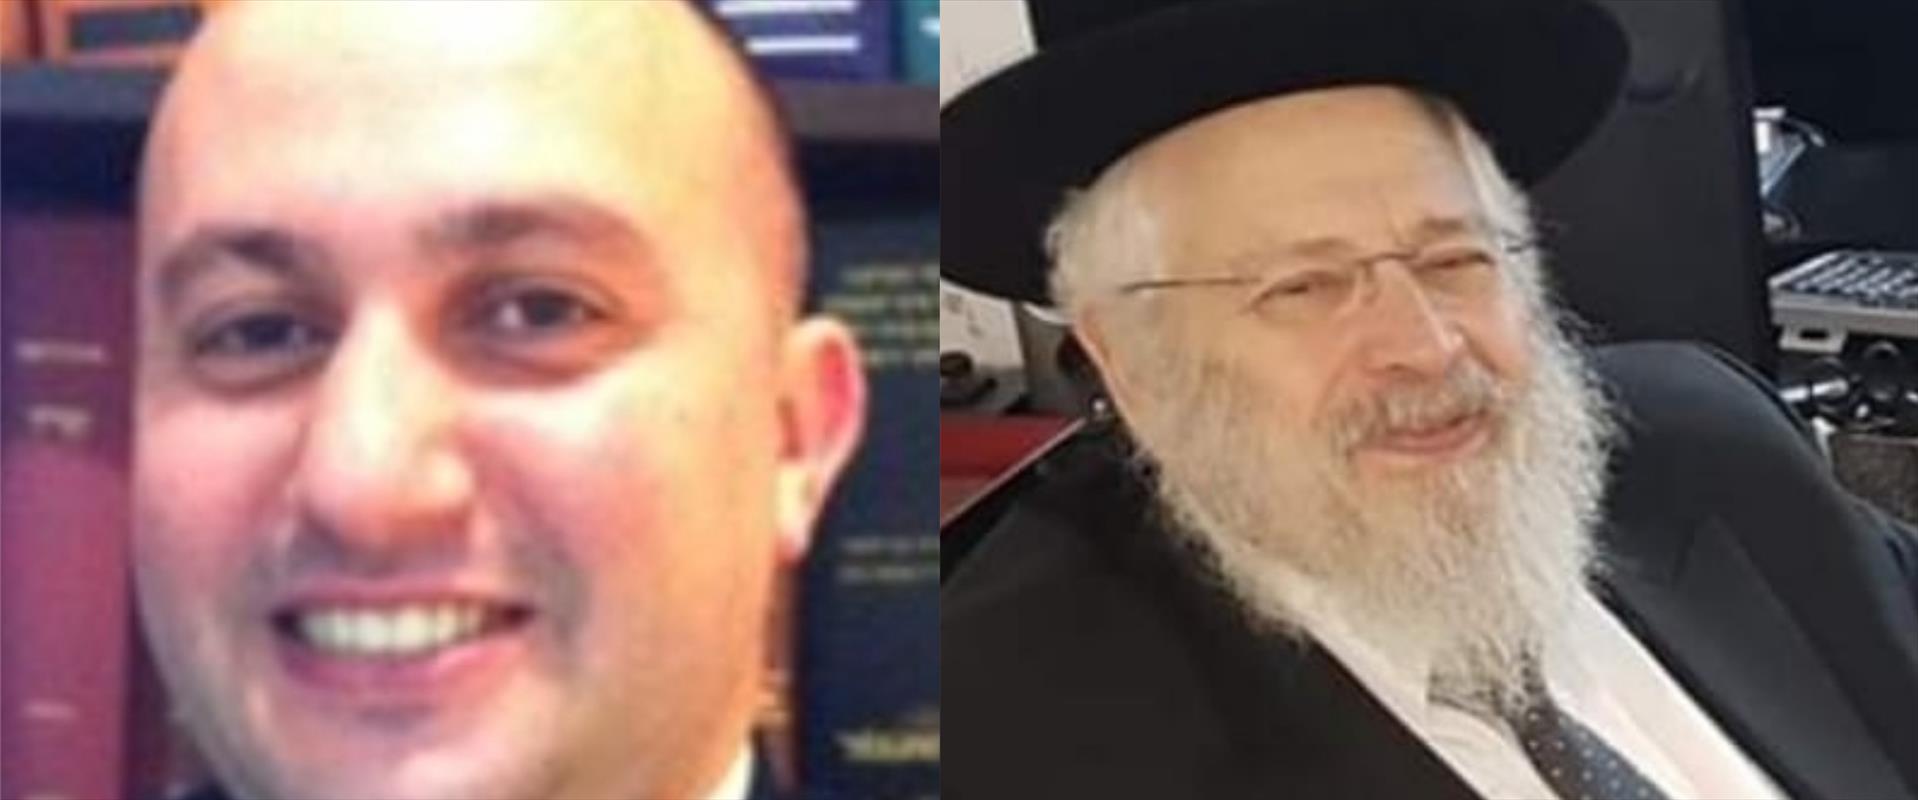 """הרב מאיר דרוקמן ועו""""ד איימן אבו-ריא"""